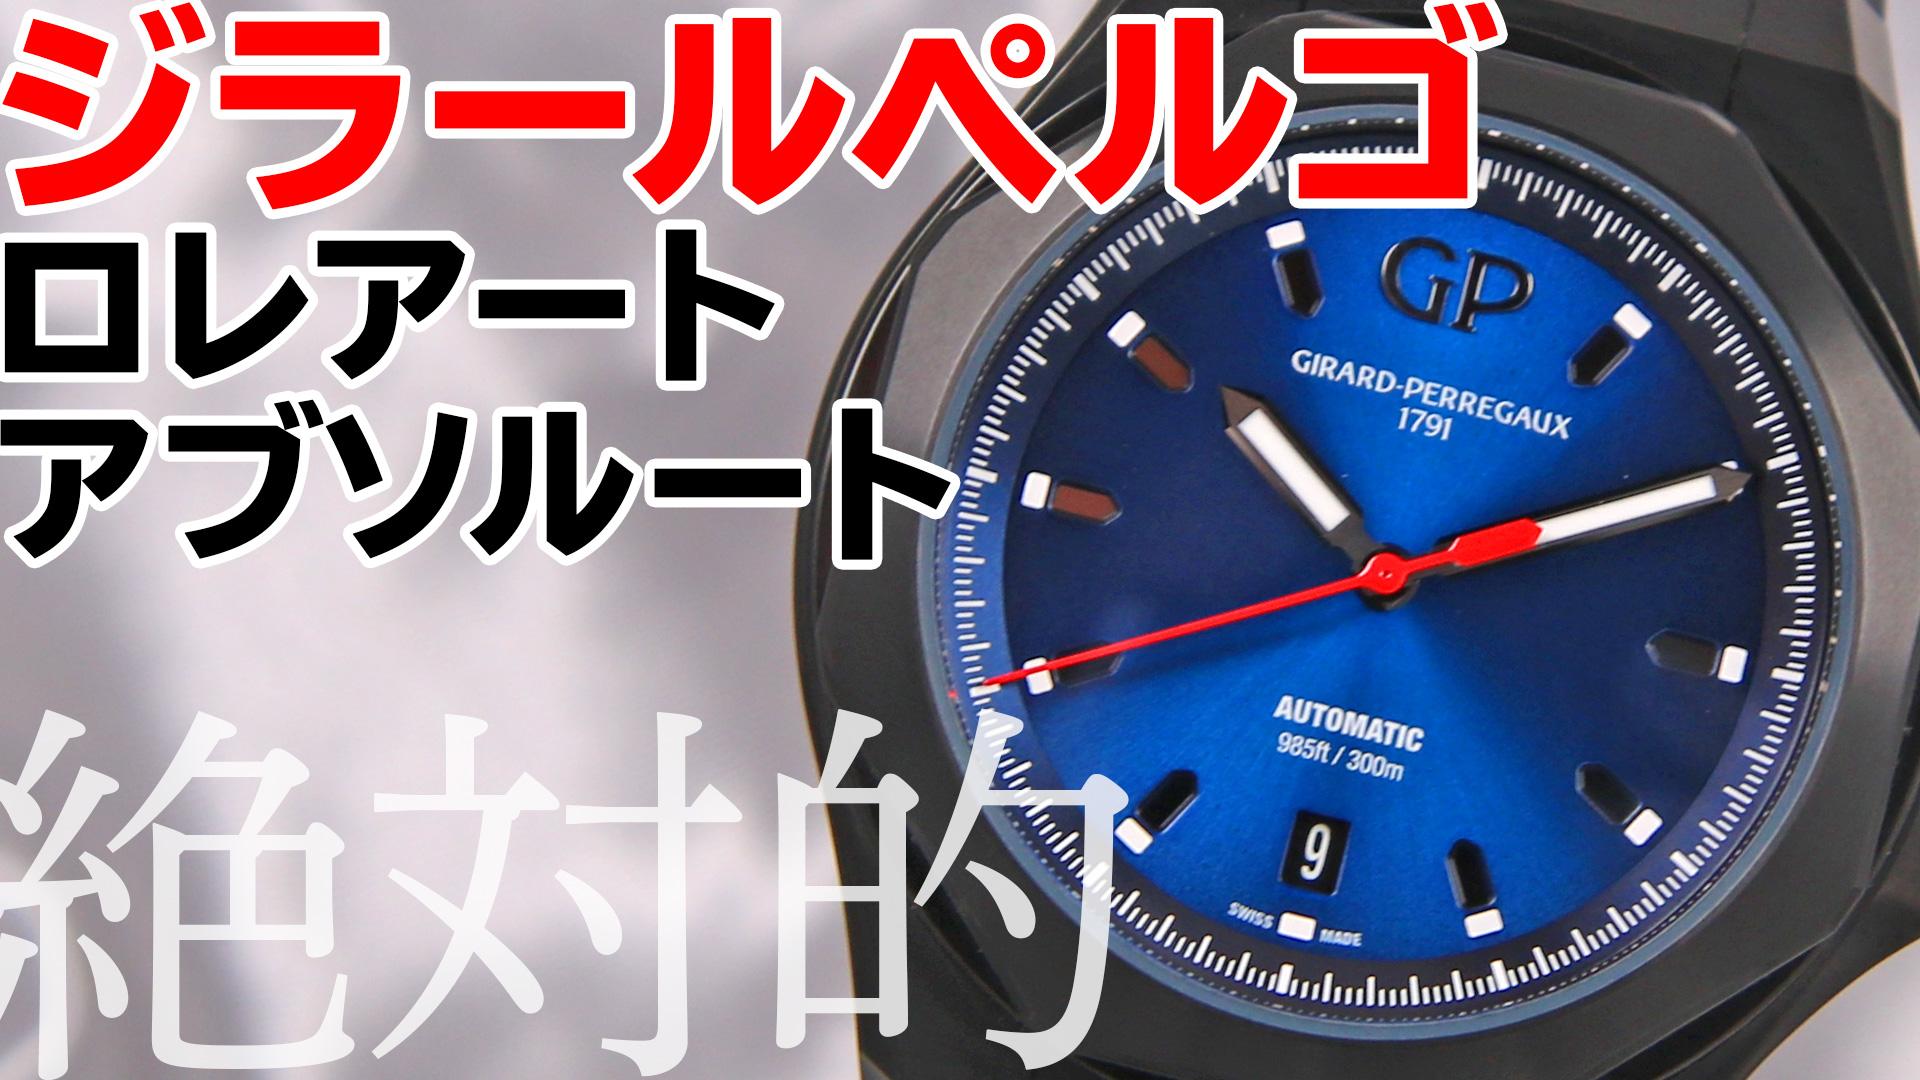 【モデル紹介7】ジラールペルゴ ロレアート アブソルート Ref.81070-21-491-FH6A3